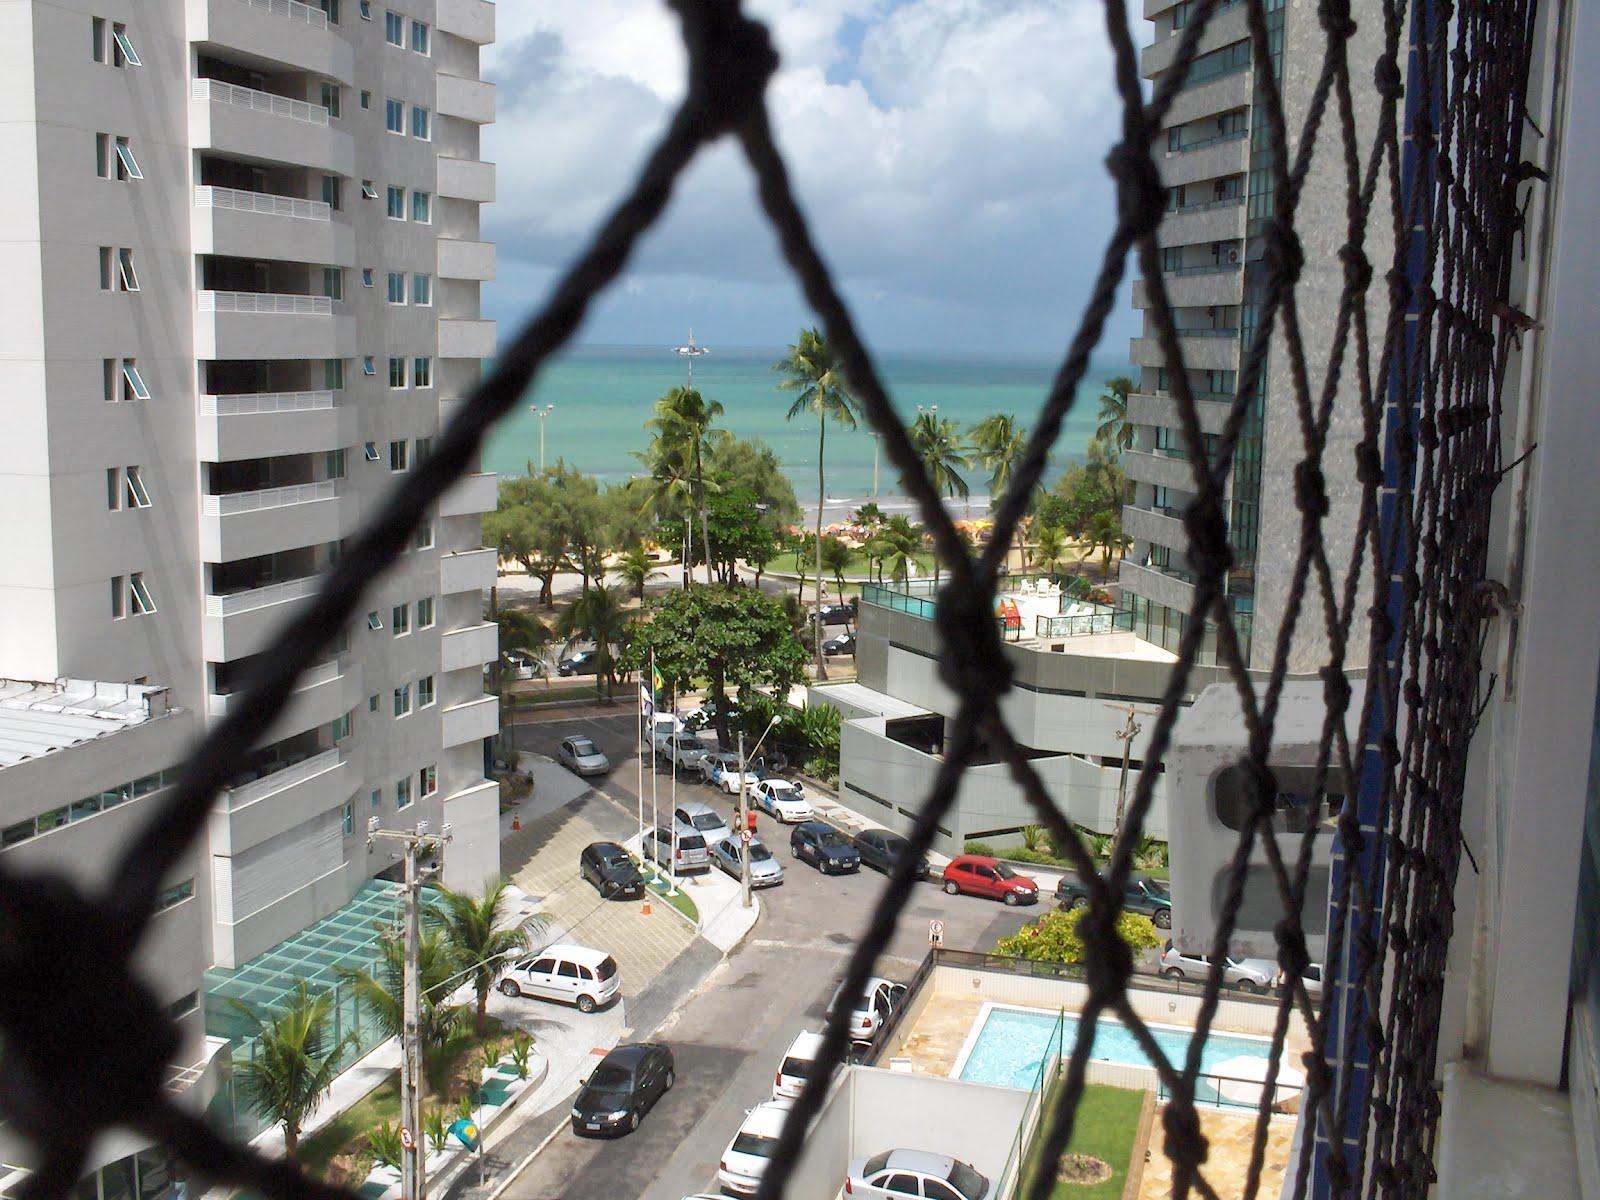 #456986 gente consegue limpar por fora um pequeno pedaço da janela. 812 Limpar Vidros Janelas